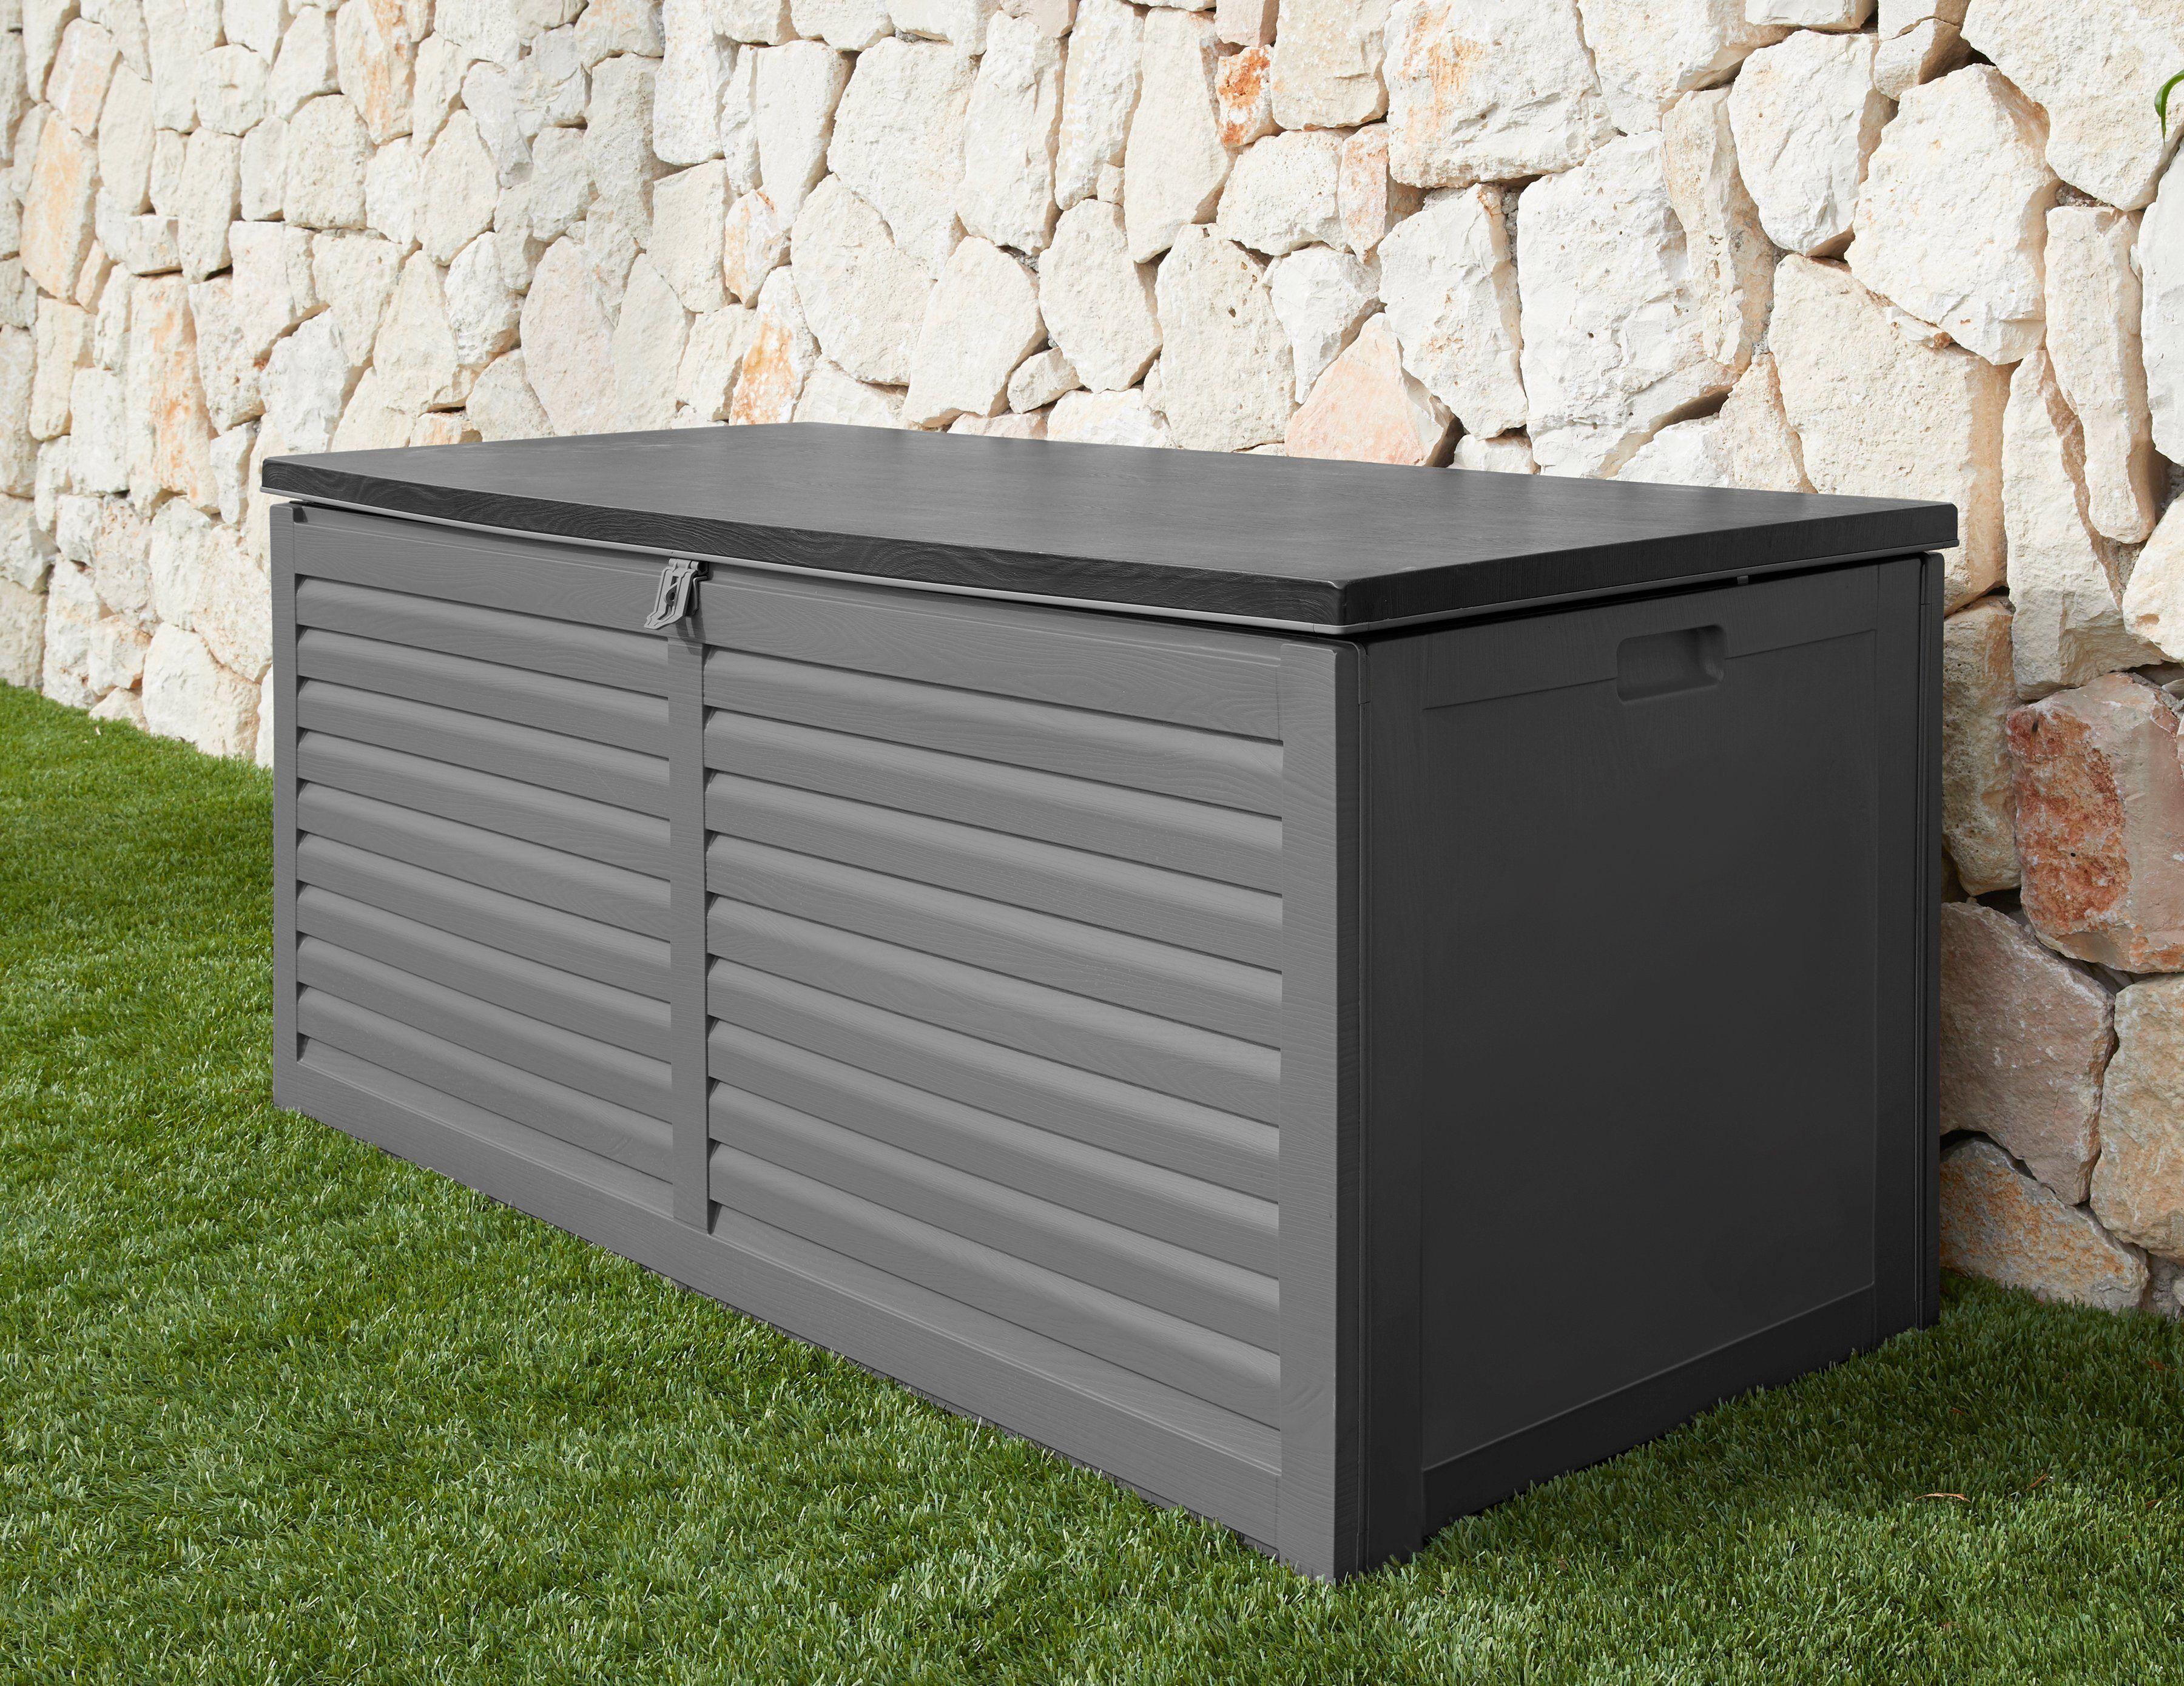 garten gut GARTENGUT Auflagenbox 146,6x64,4x61 cm, hellgrau, grau